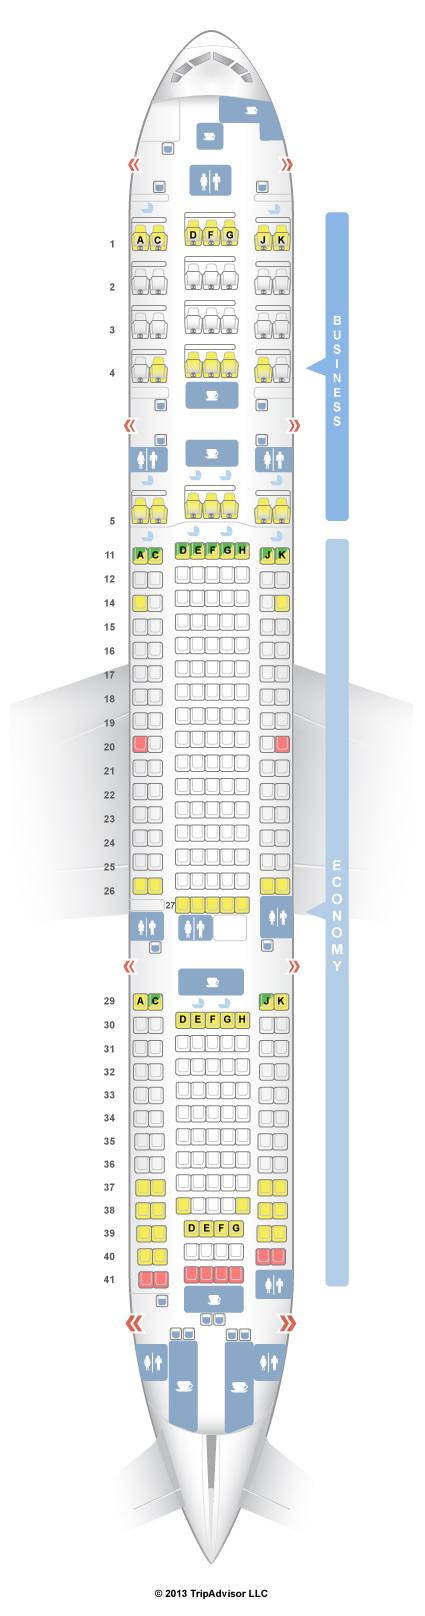 Singapore Airlines A380 Seating Plan Seatguru